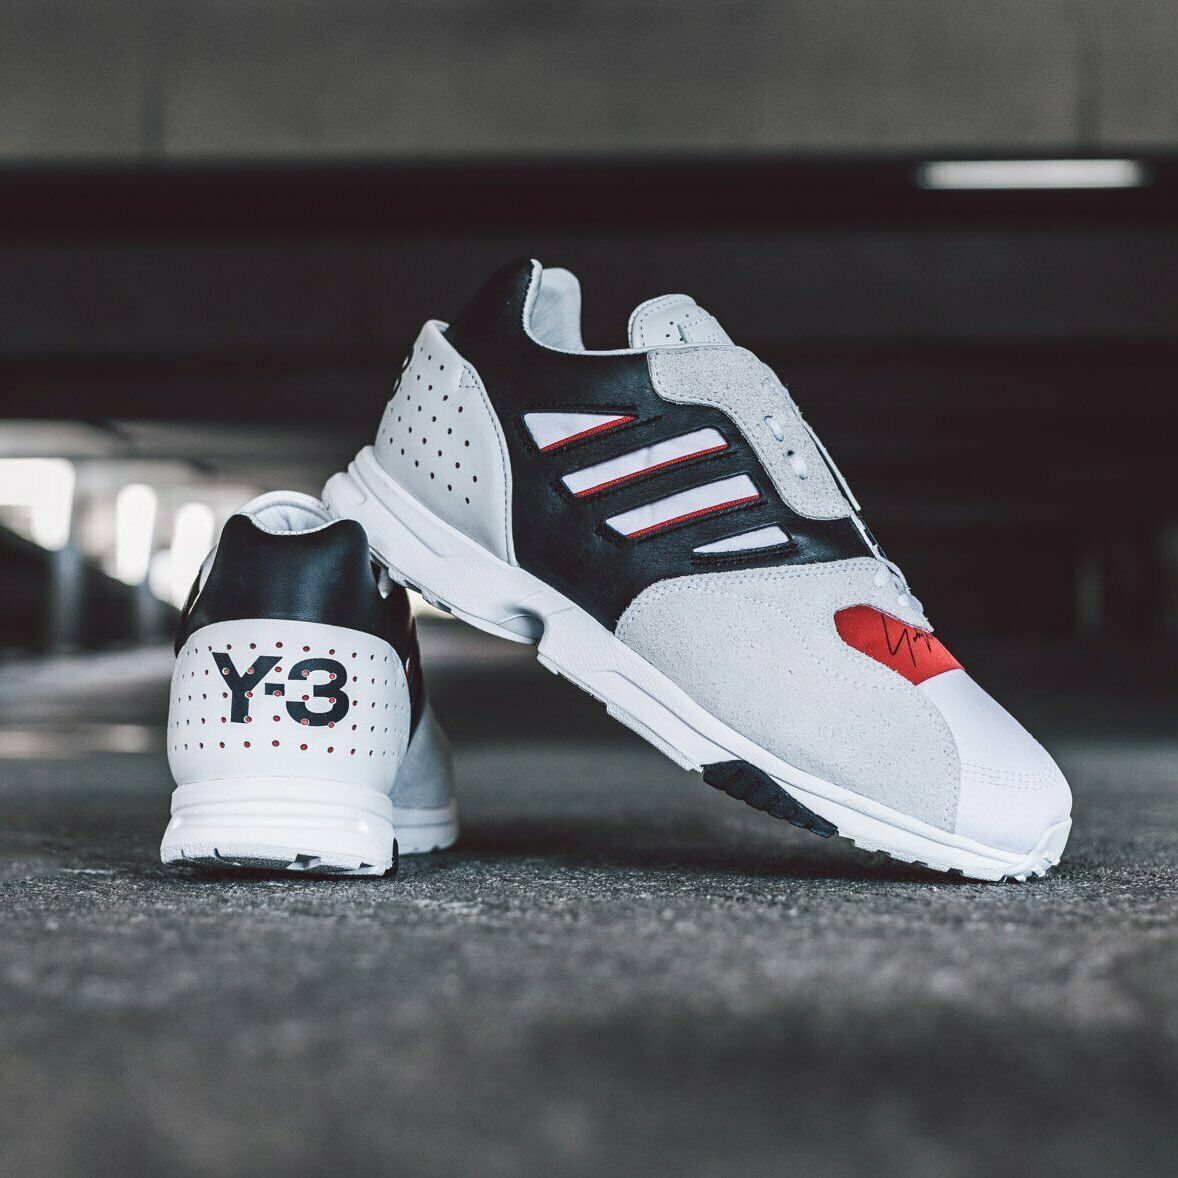 Adidas Y3 Zx entrenadores UK4 Yohji Yamamoto's Run Y-3 1000 C 4000 Originals ADV TR